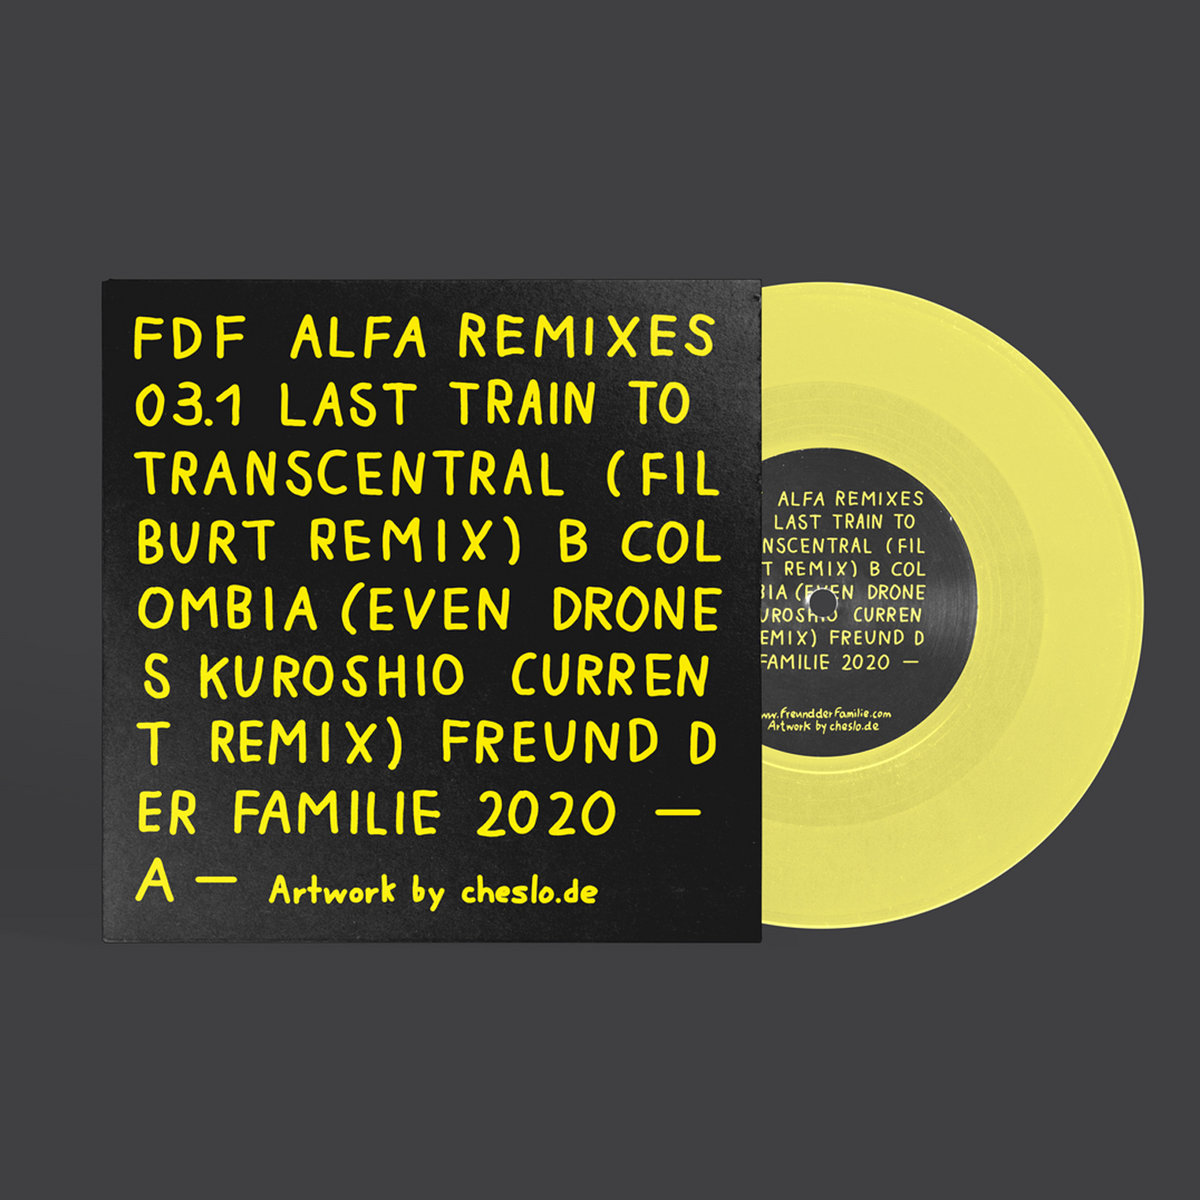 Alfa Remixes 03.1